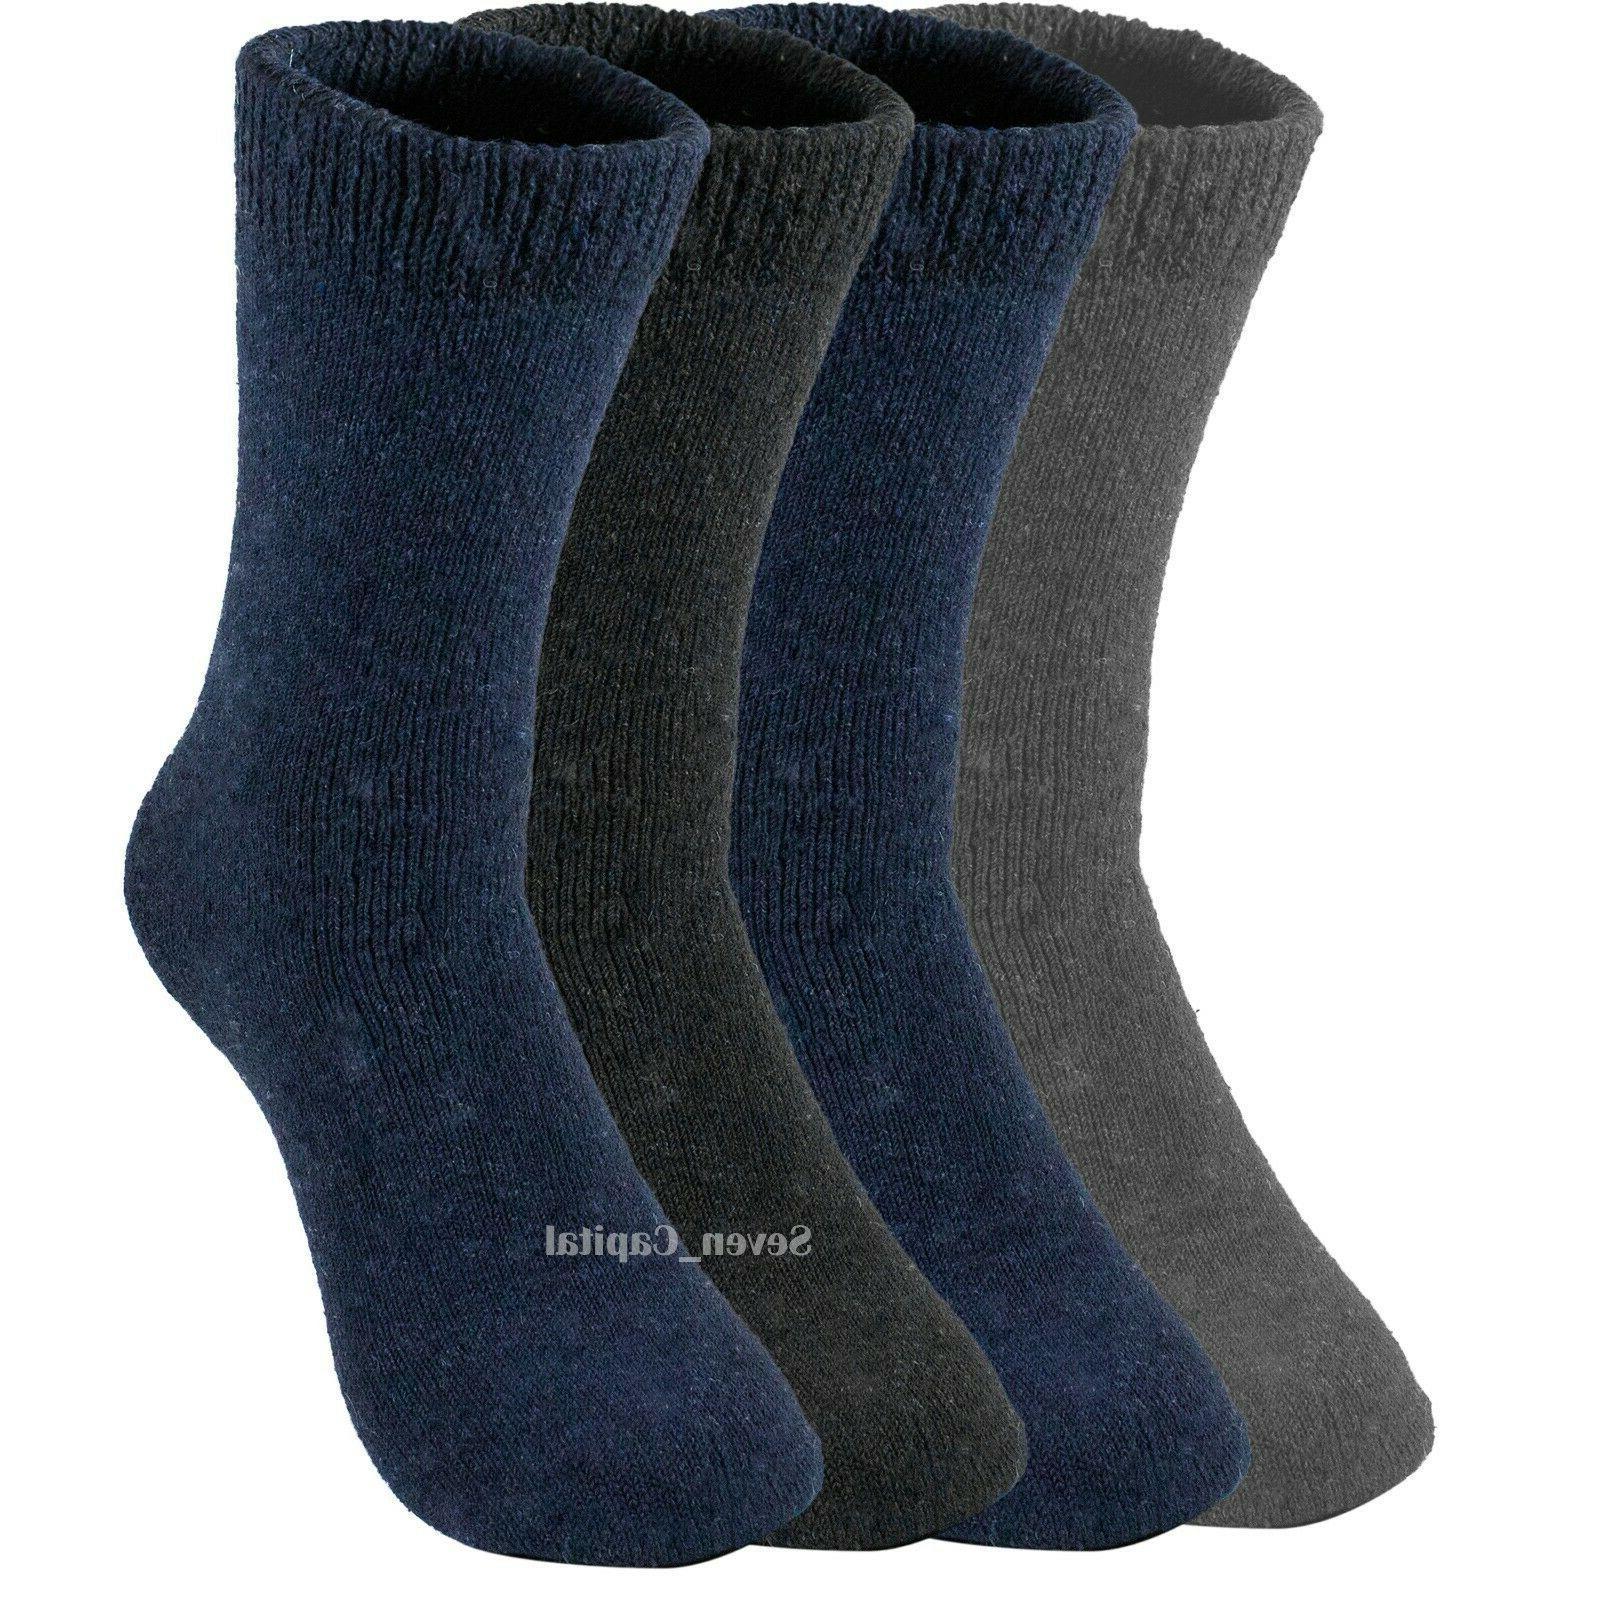 Duty Winter Warm Wool Boots Work